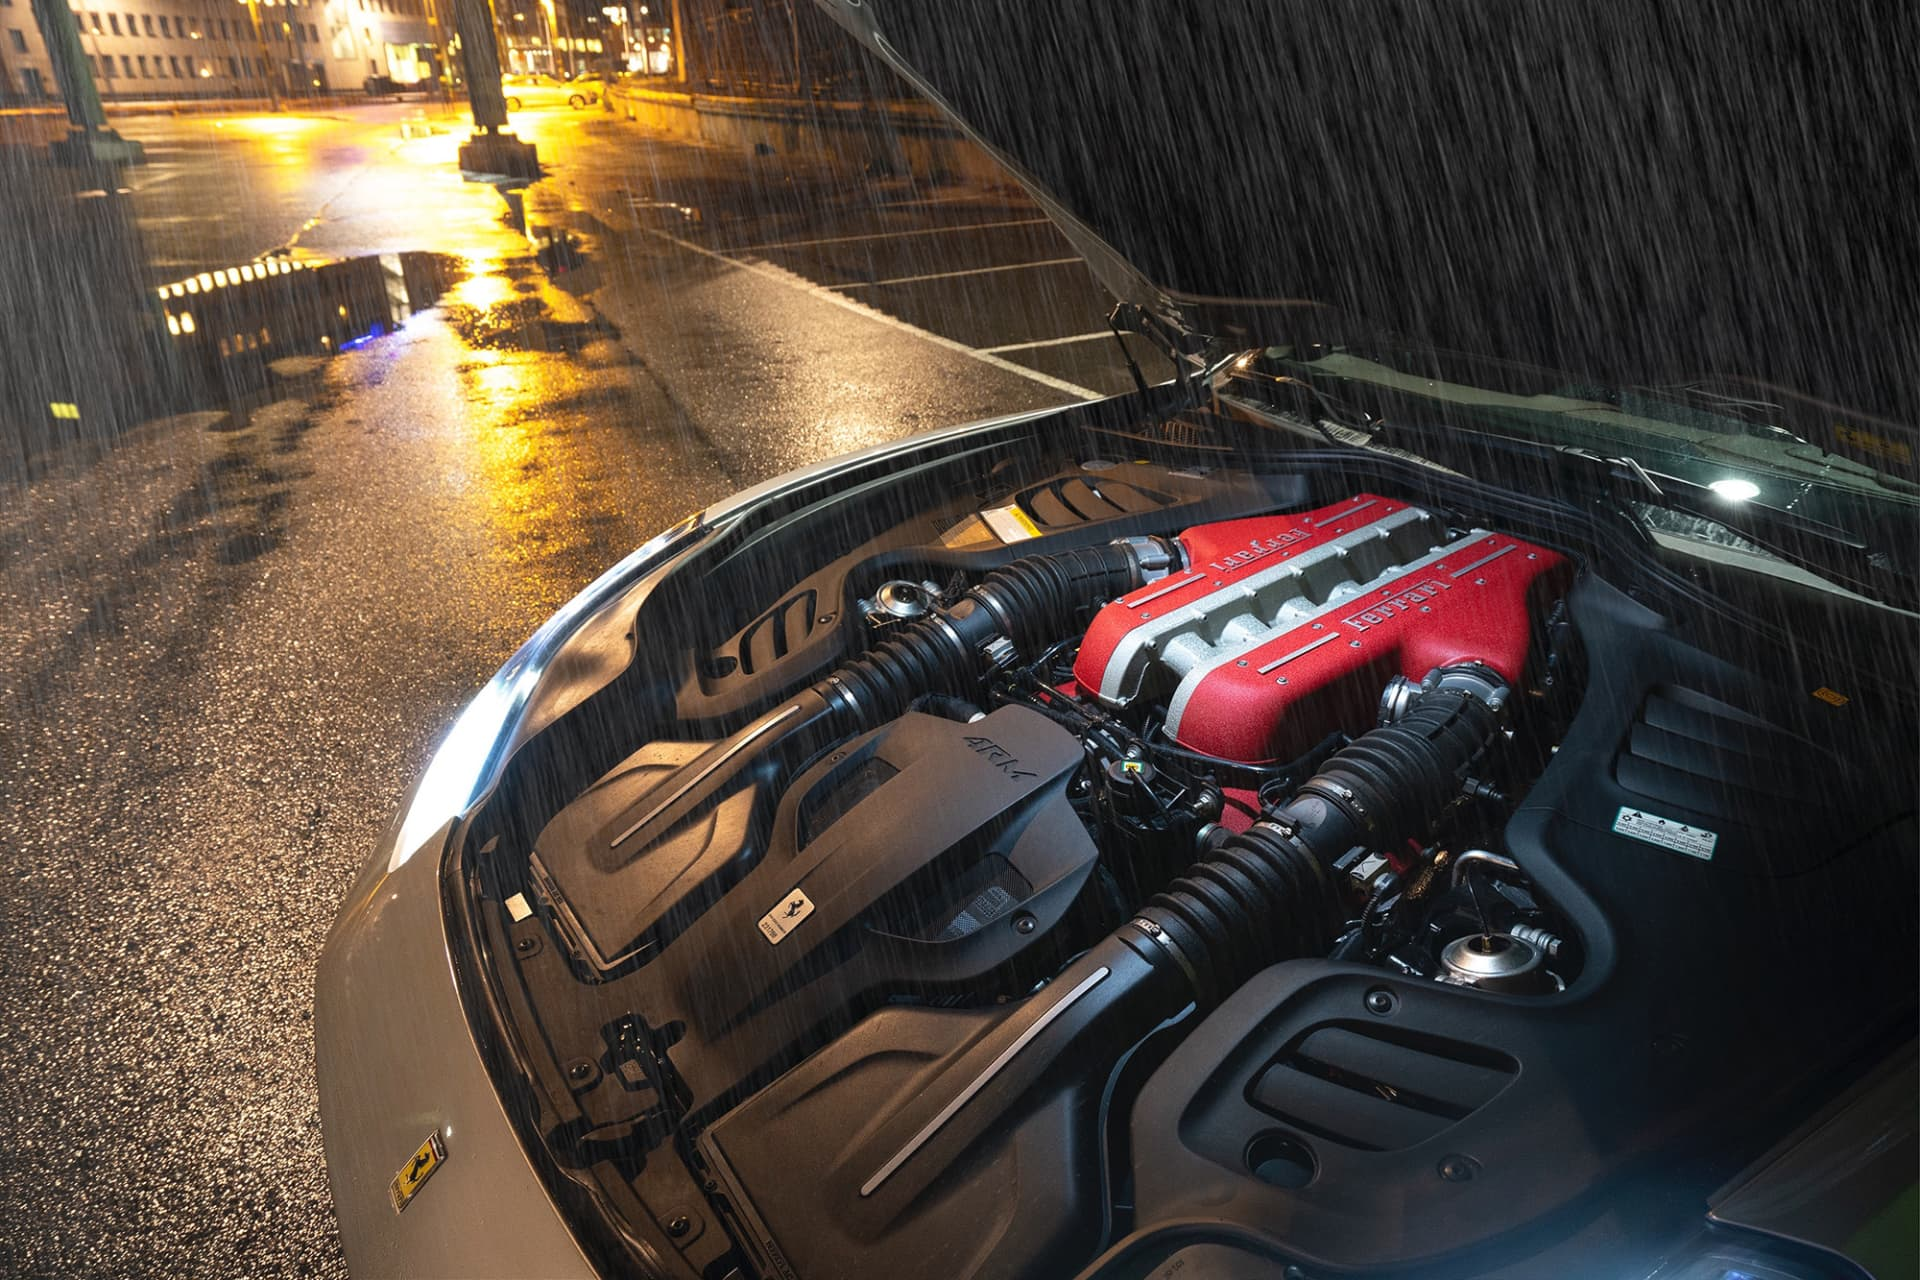 Juvelen, en 6,2 liters V12 motor på 690 hästar som förmedlar känslor likt inget annat. När rödmarkeringen närmar sig slår hjärtat dubbla slag av eufori.